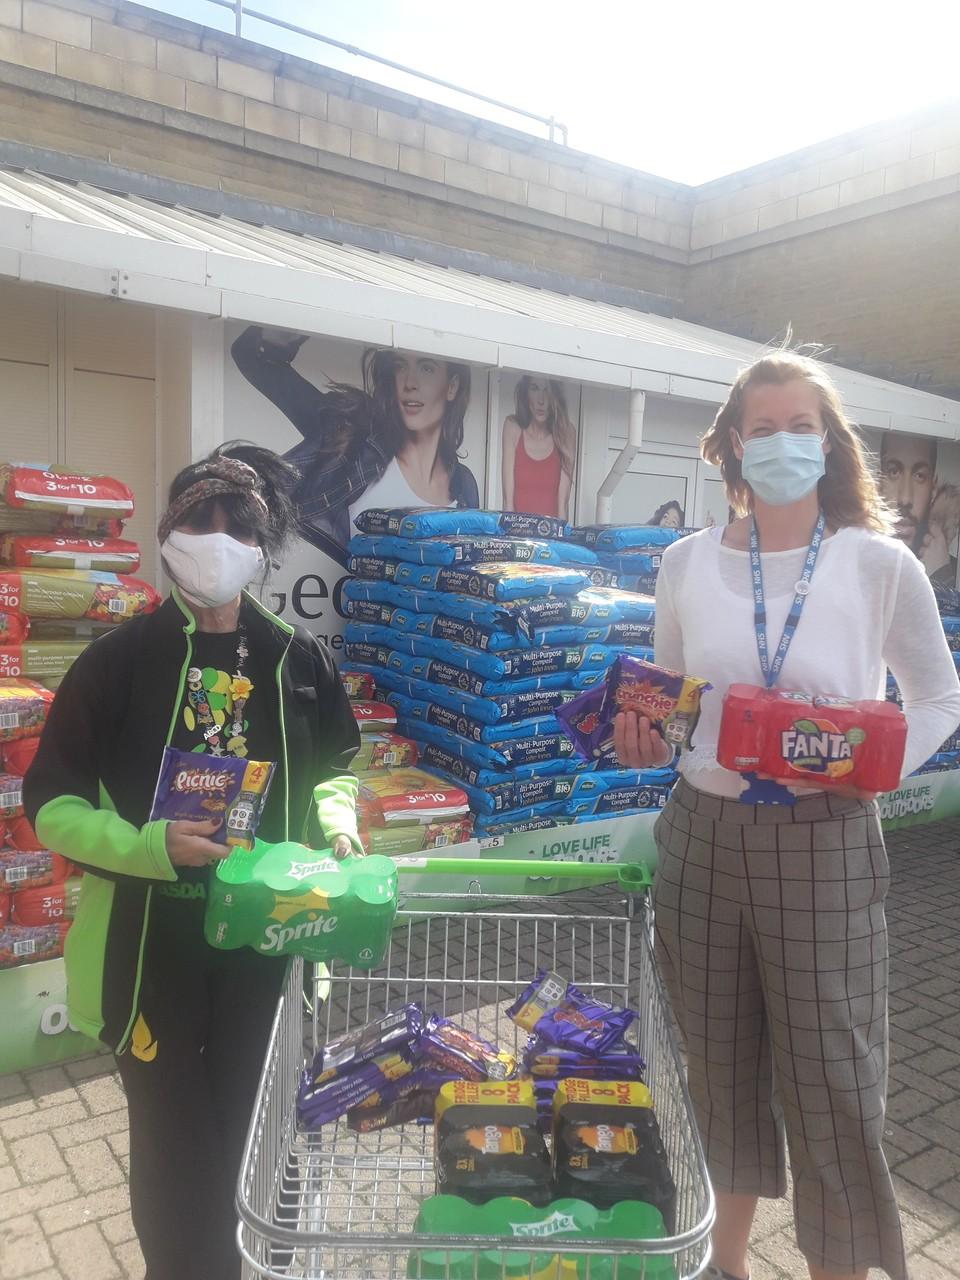 Hospital donation | Asda Huddersfield